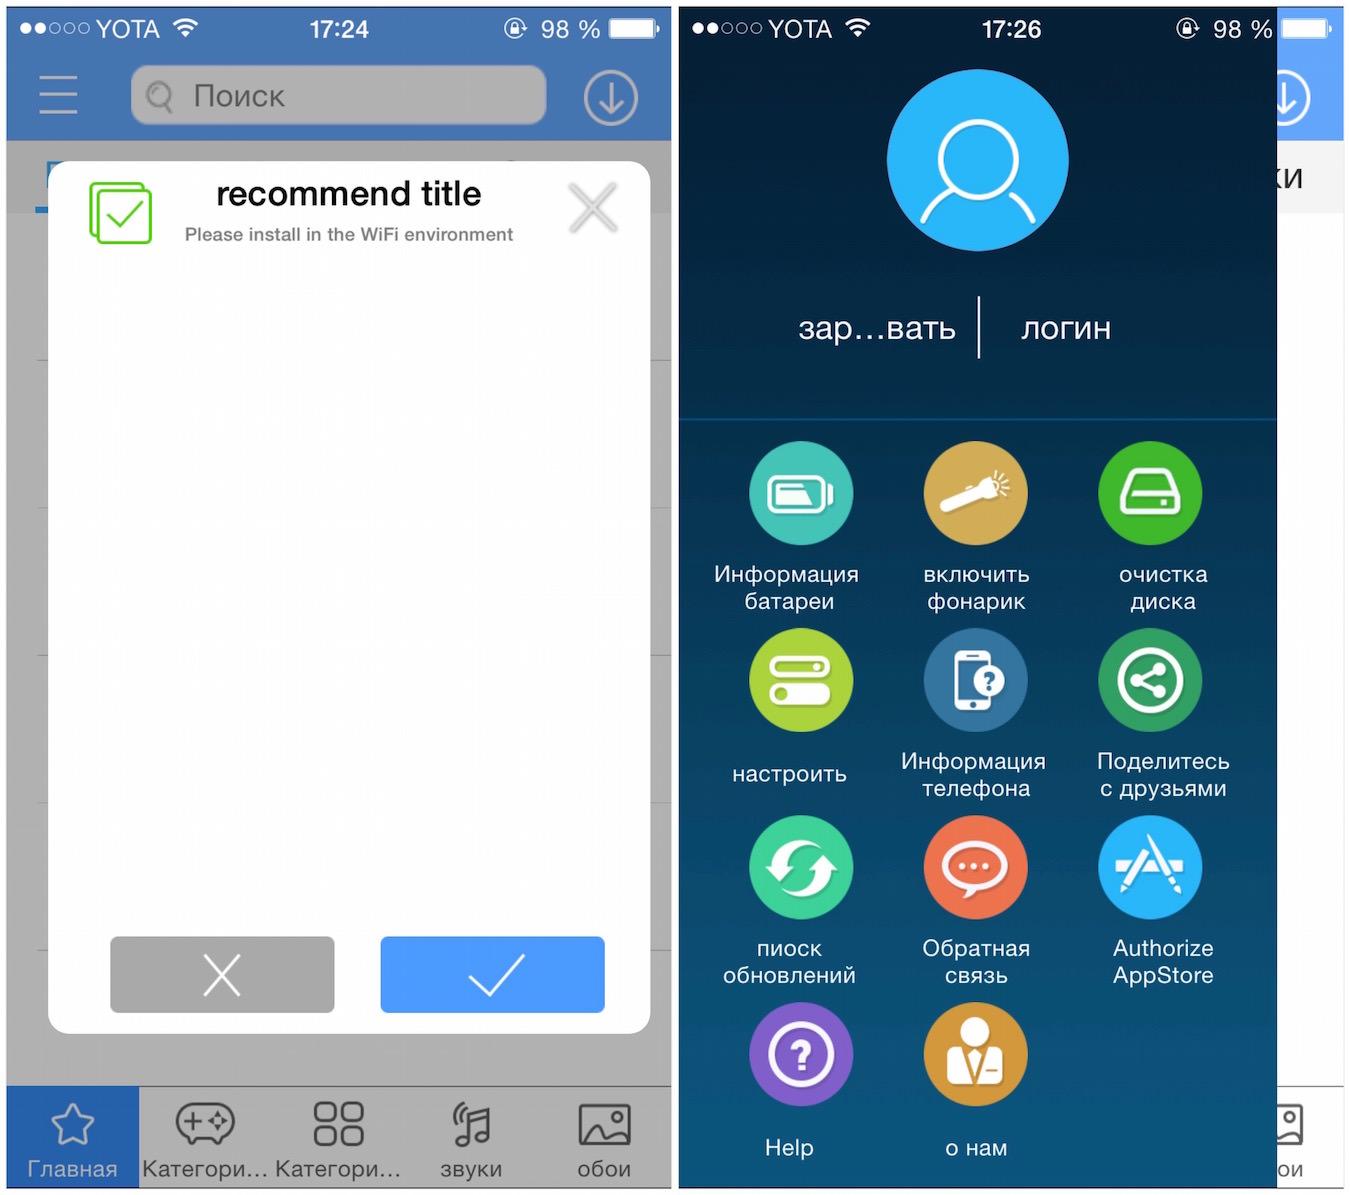 Как скачать приложения на андроид китайский